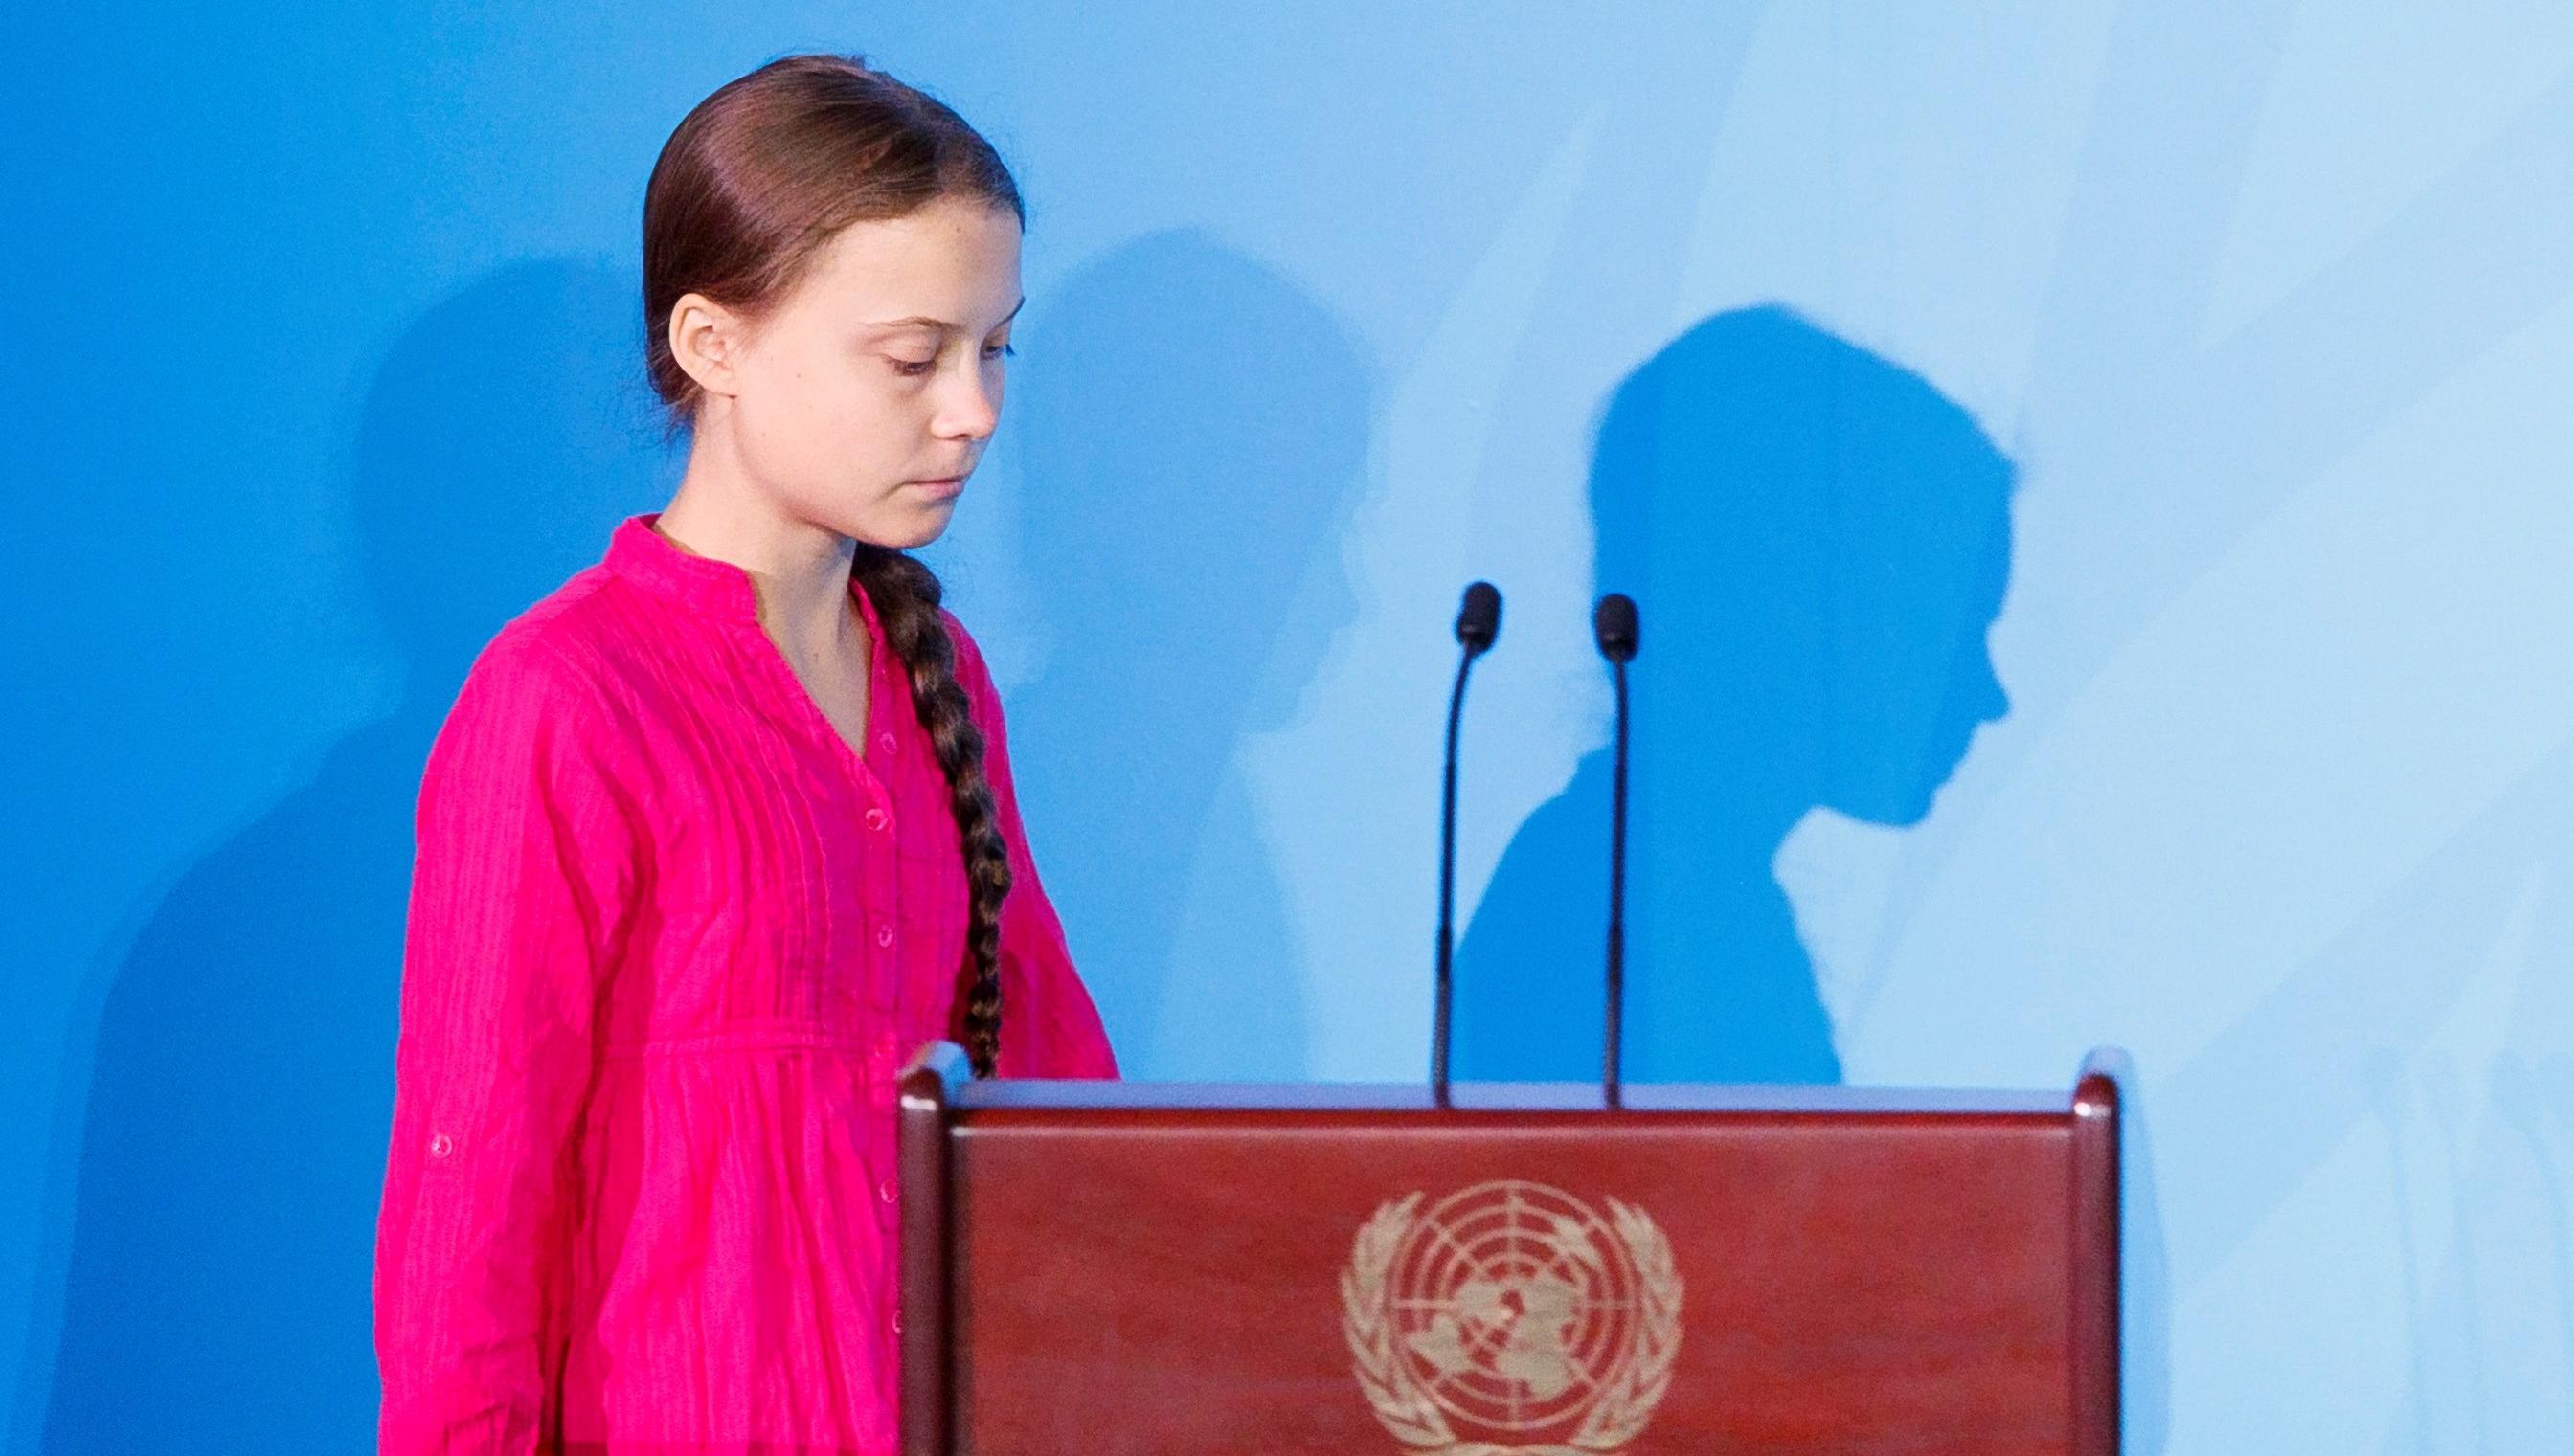 La sueca de 16 años mostró su indignación en la ONU.